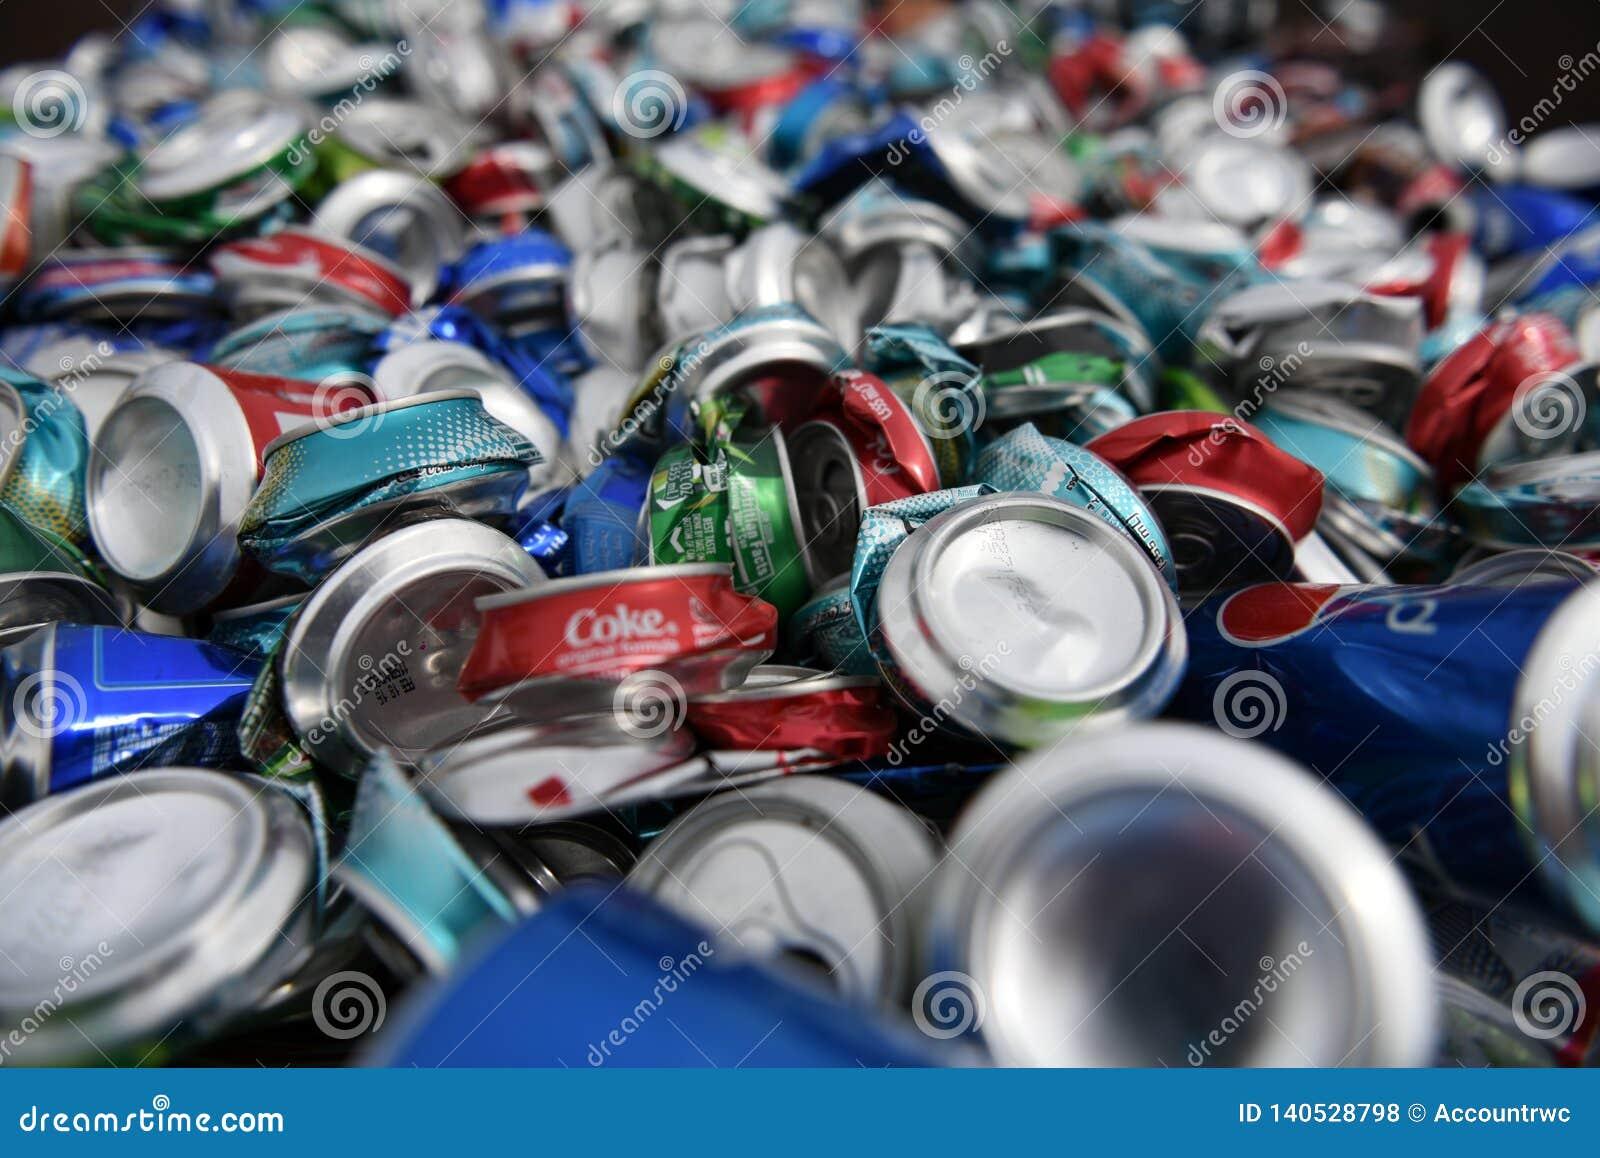 Большая куча свободных, поломанных, задавленных, пустых, использованных алюминиевых пива и консервных банок напитка соды